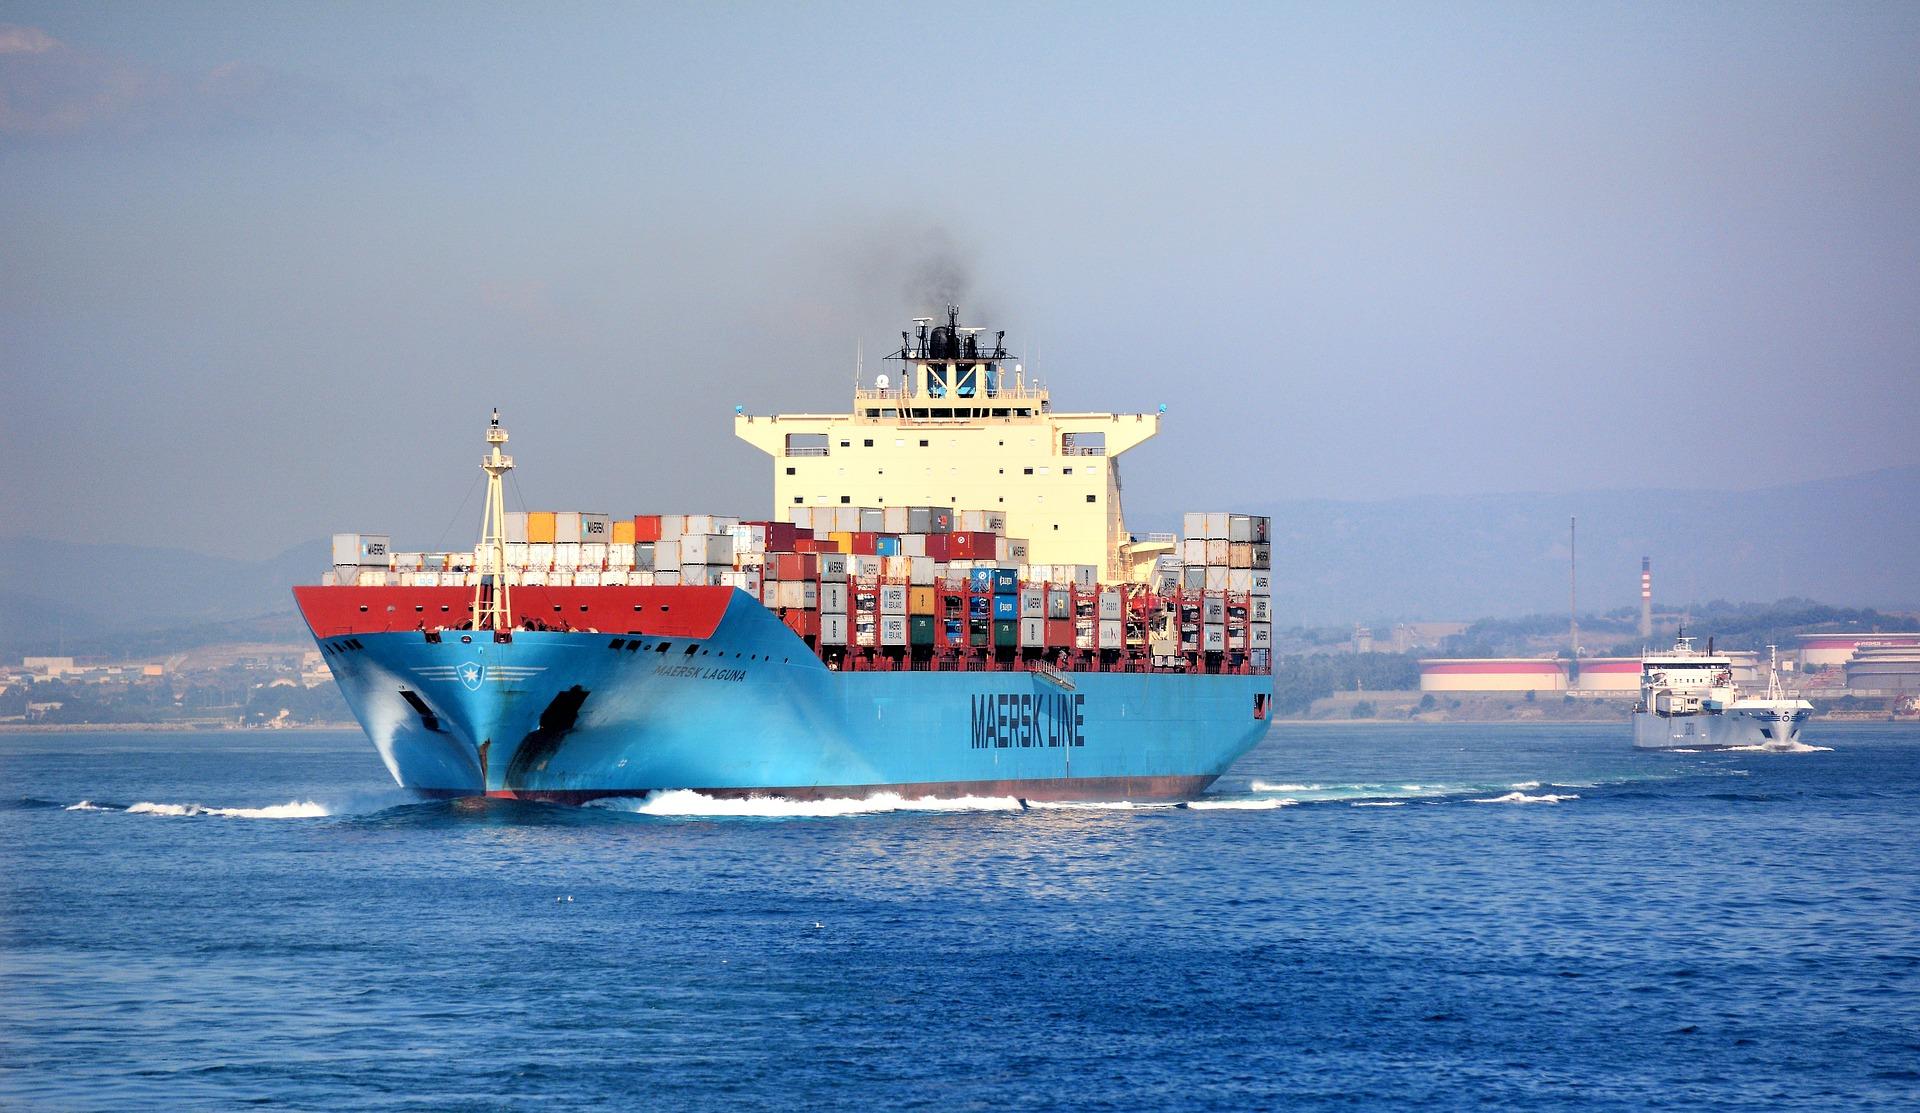 Catene di approvvigionamento: Processi di trasporto, stoccaggio e distribuzione / Free-Photos